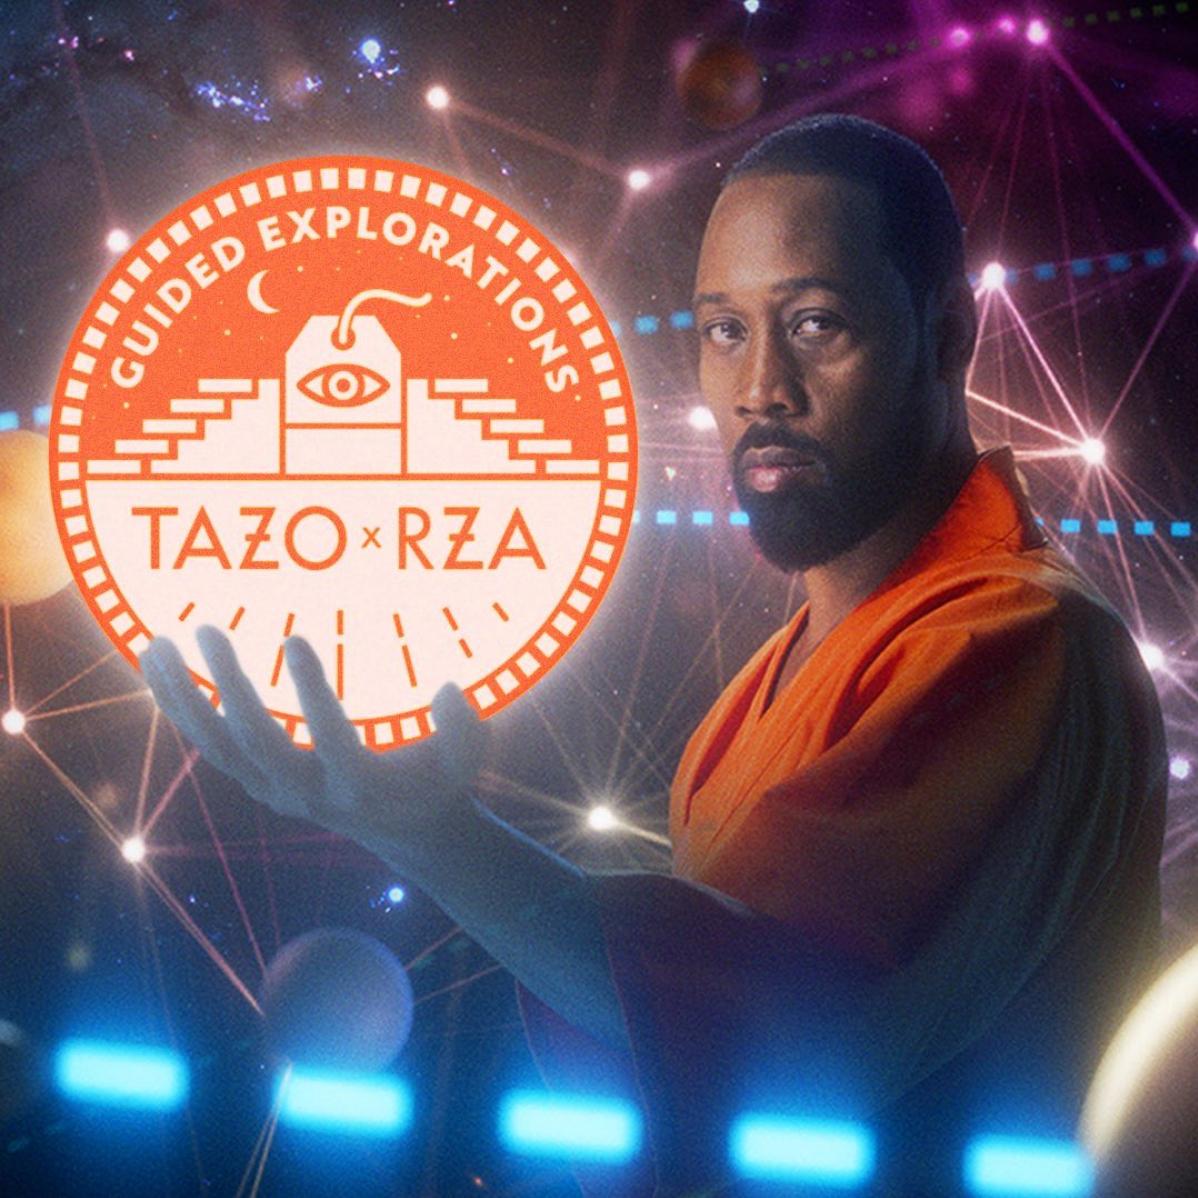 Guided Explorations: RZA X TAZO